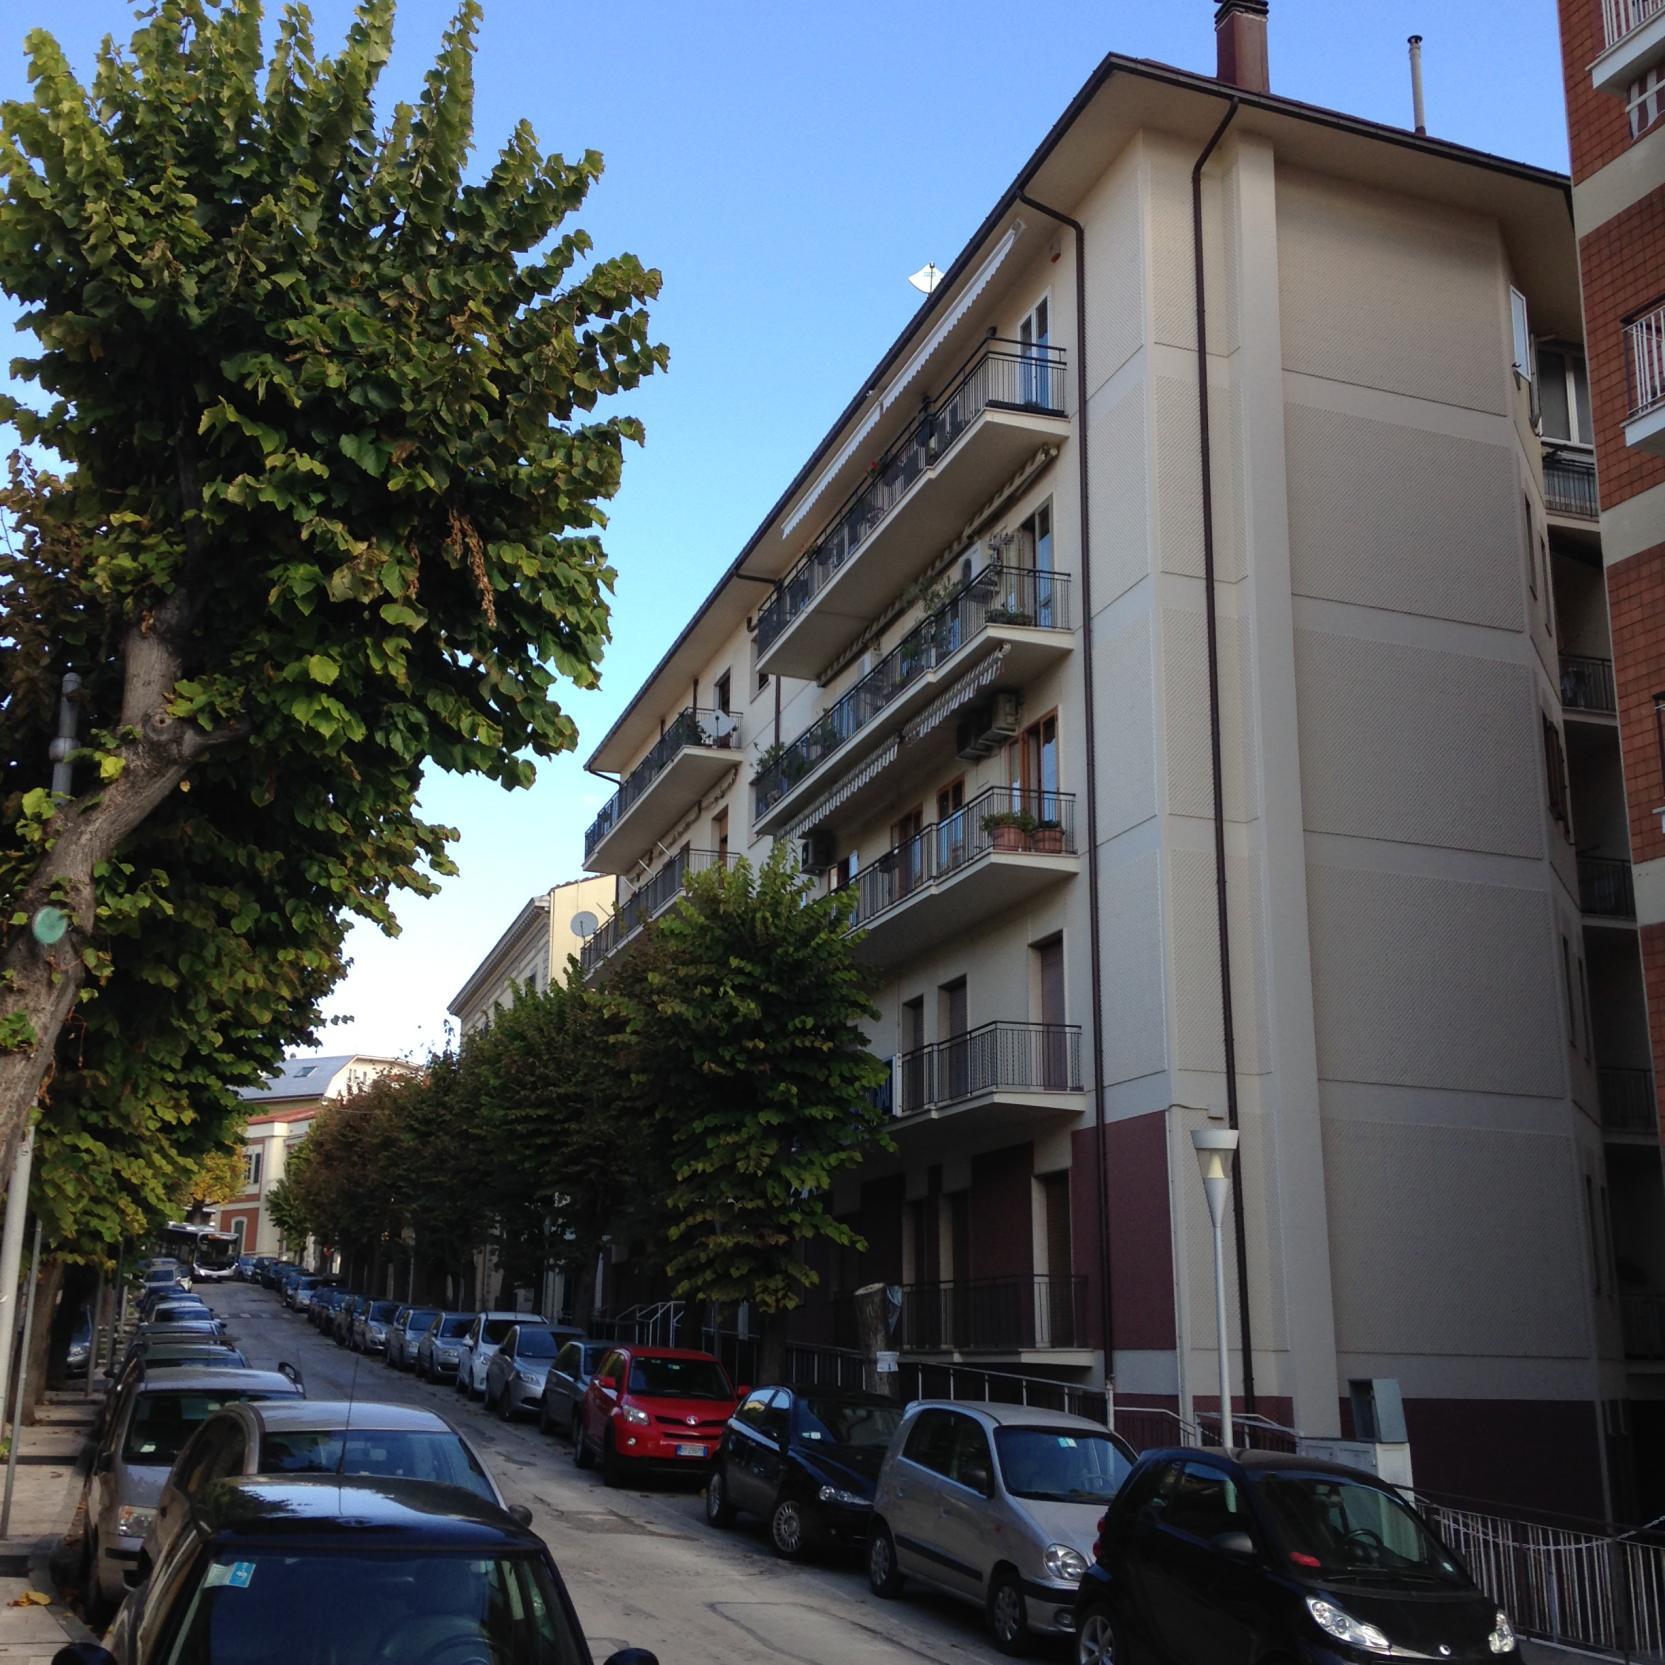 Appartamento in vendita a chieti ch viale europa for Annunci immobiliari